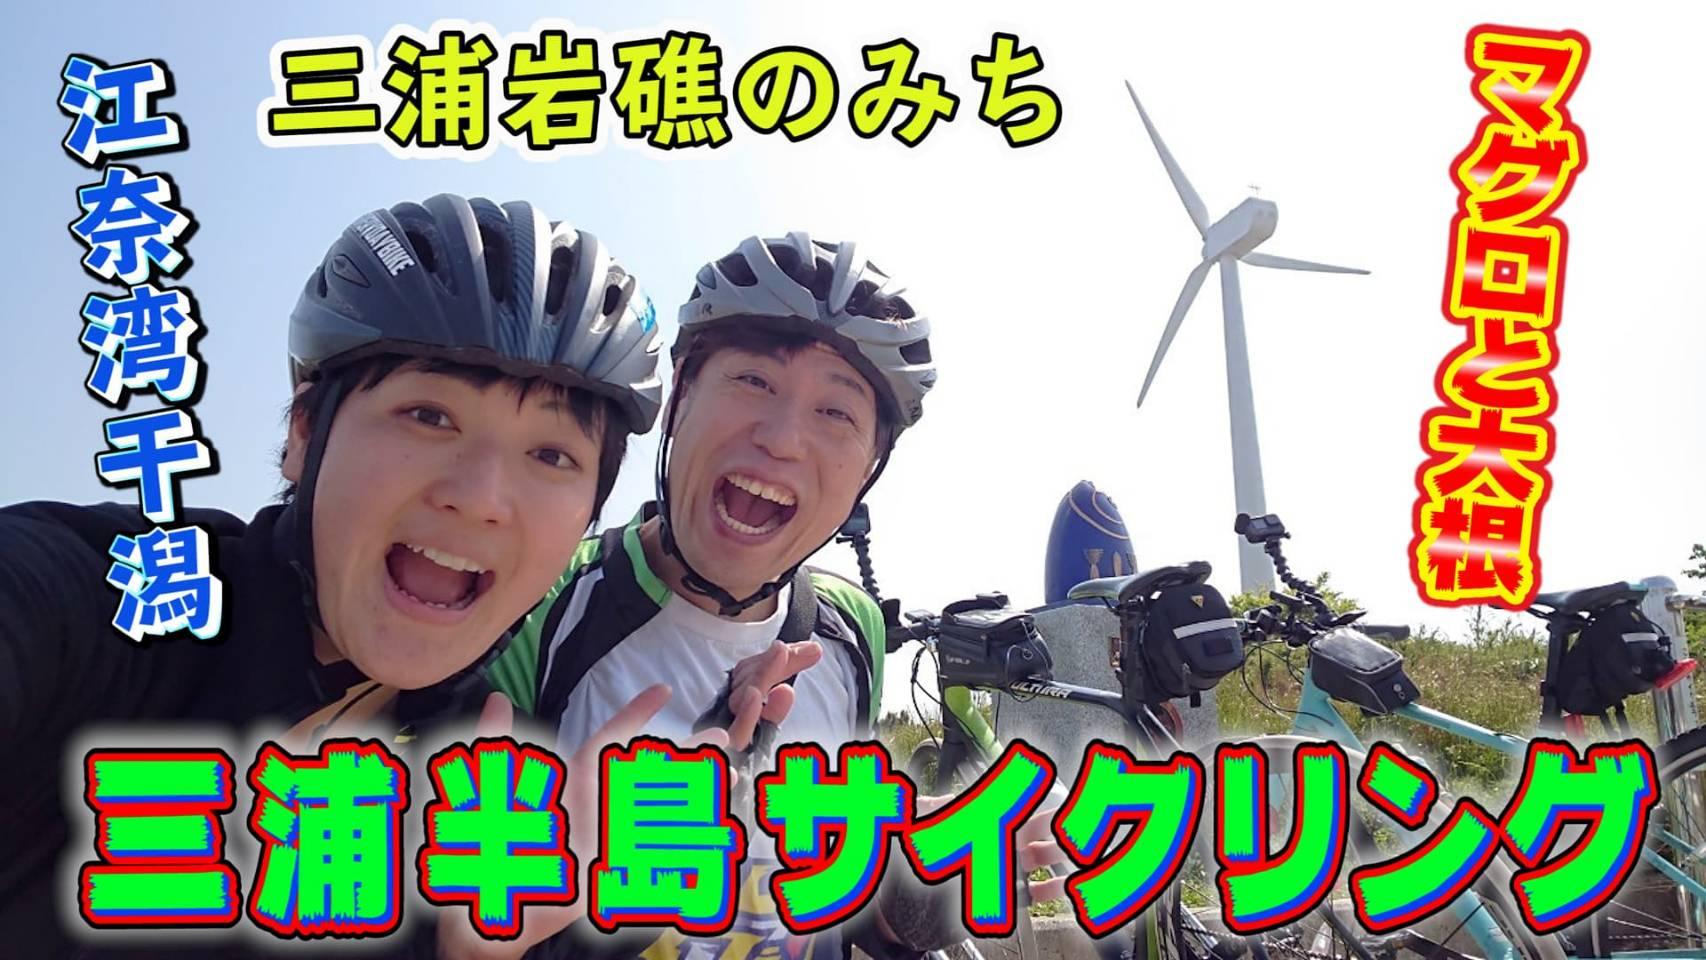 [サイクリング・神奈川]ステレオタイフーンと行く 三浦半島満喫サイクリング 2021年9月4日(土)